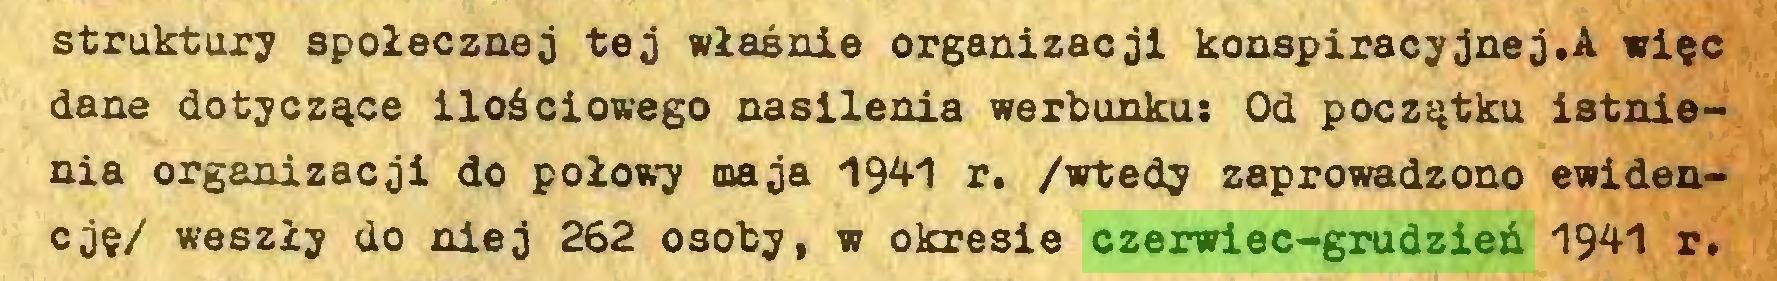 (...) struktury społecznej tej właśnie organizacji konspiracyjnej.A więc dane dotyczące ilościowego nasilenia werbunku: Od początku istnienia organizacji do połowy maja 194-1 r. /wtedy zaprowadzono ewidencję/ weszły do niej 262 osoby, w okresie czerwiec-grudzień 1941 r...